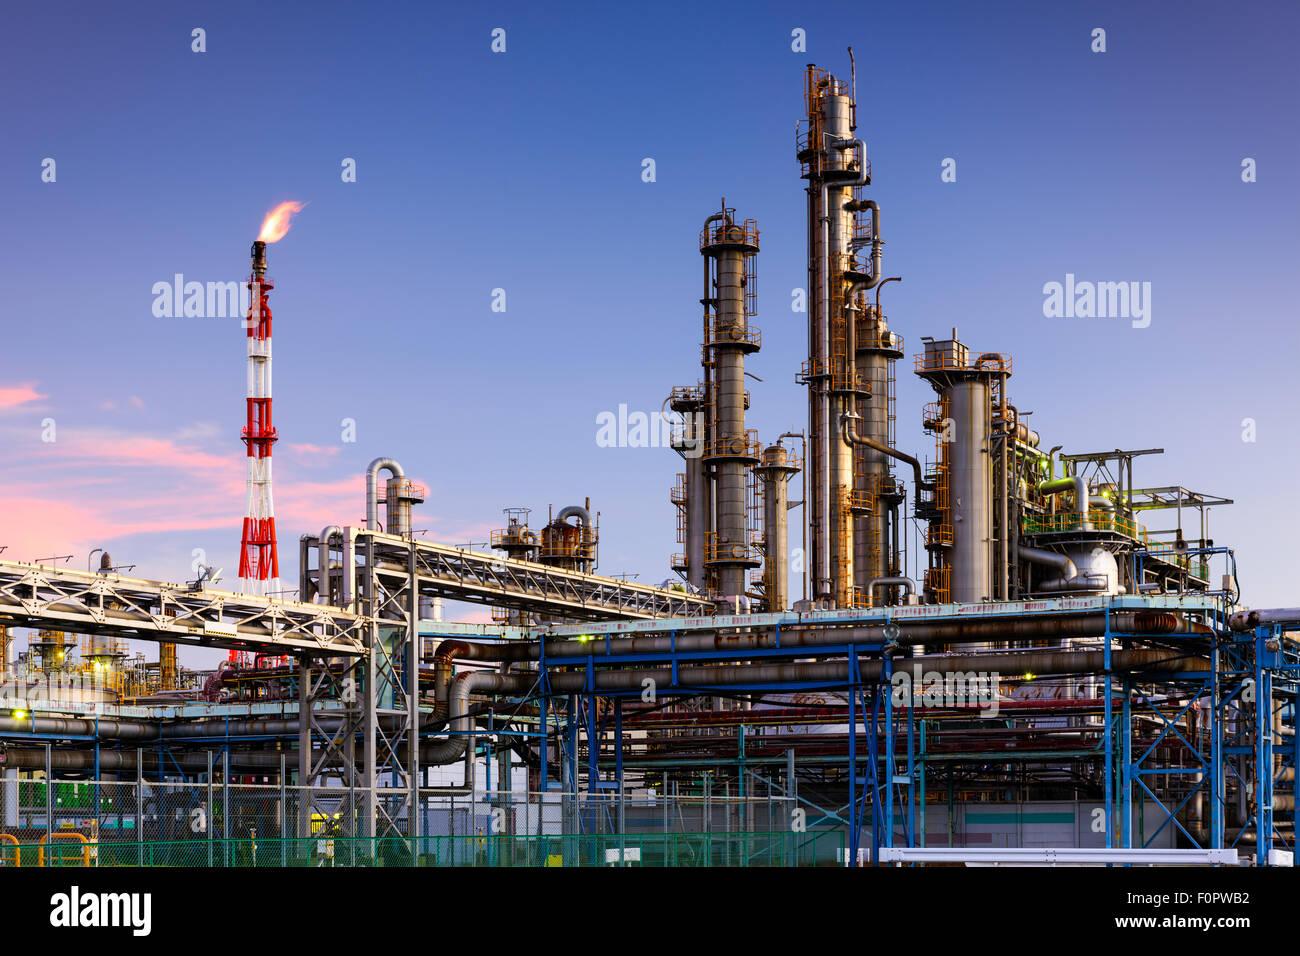 Öl-Raffinerien in Kawasaki, Kanagawa, Japan. Stockbild